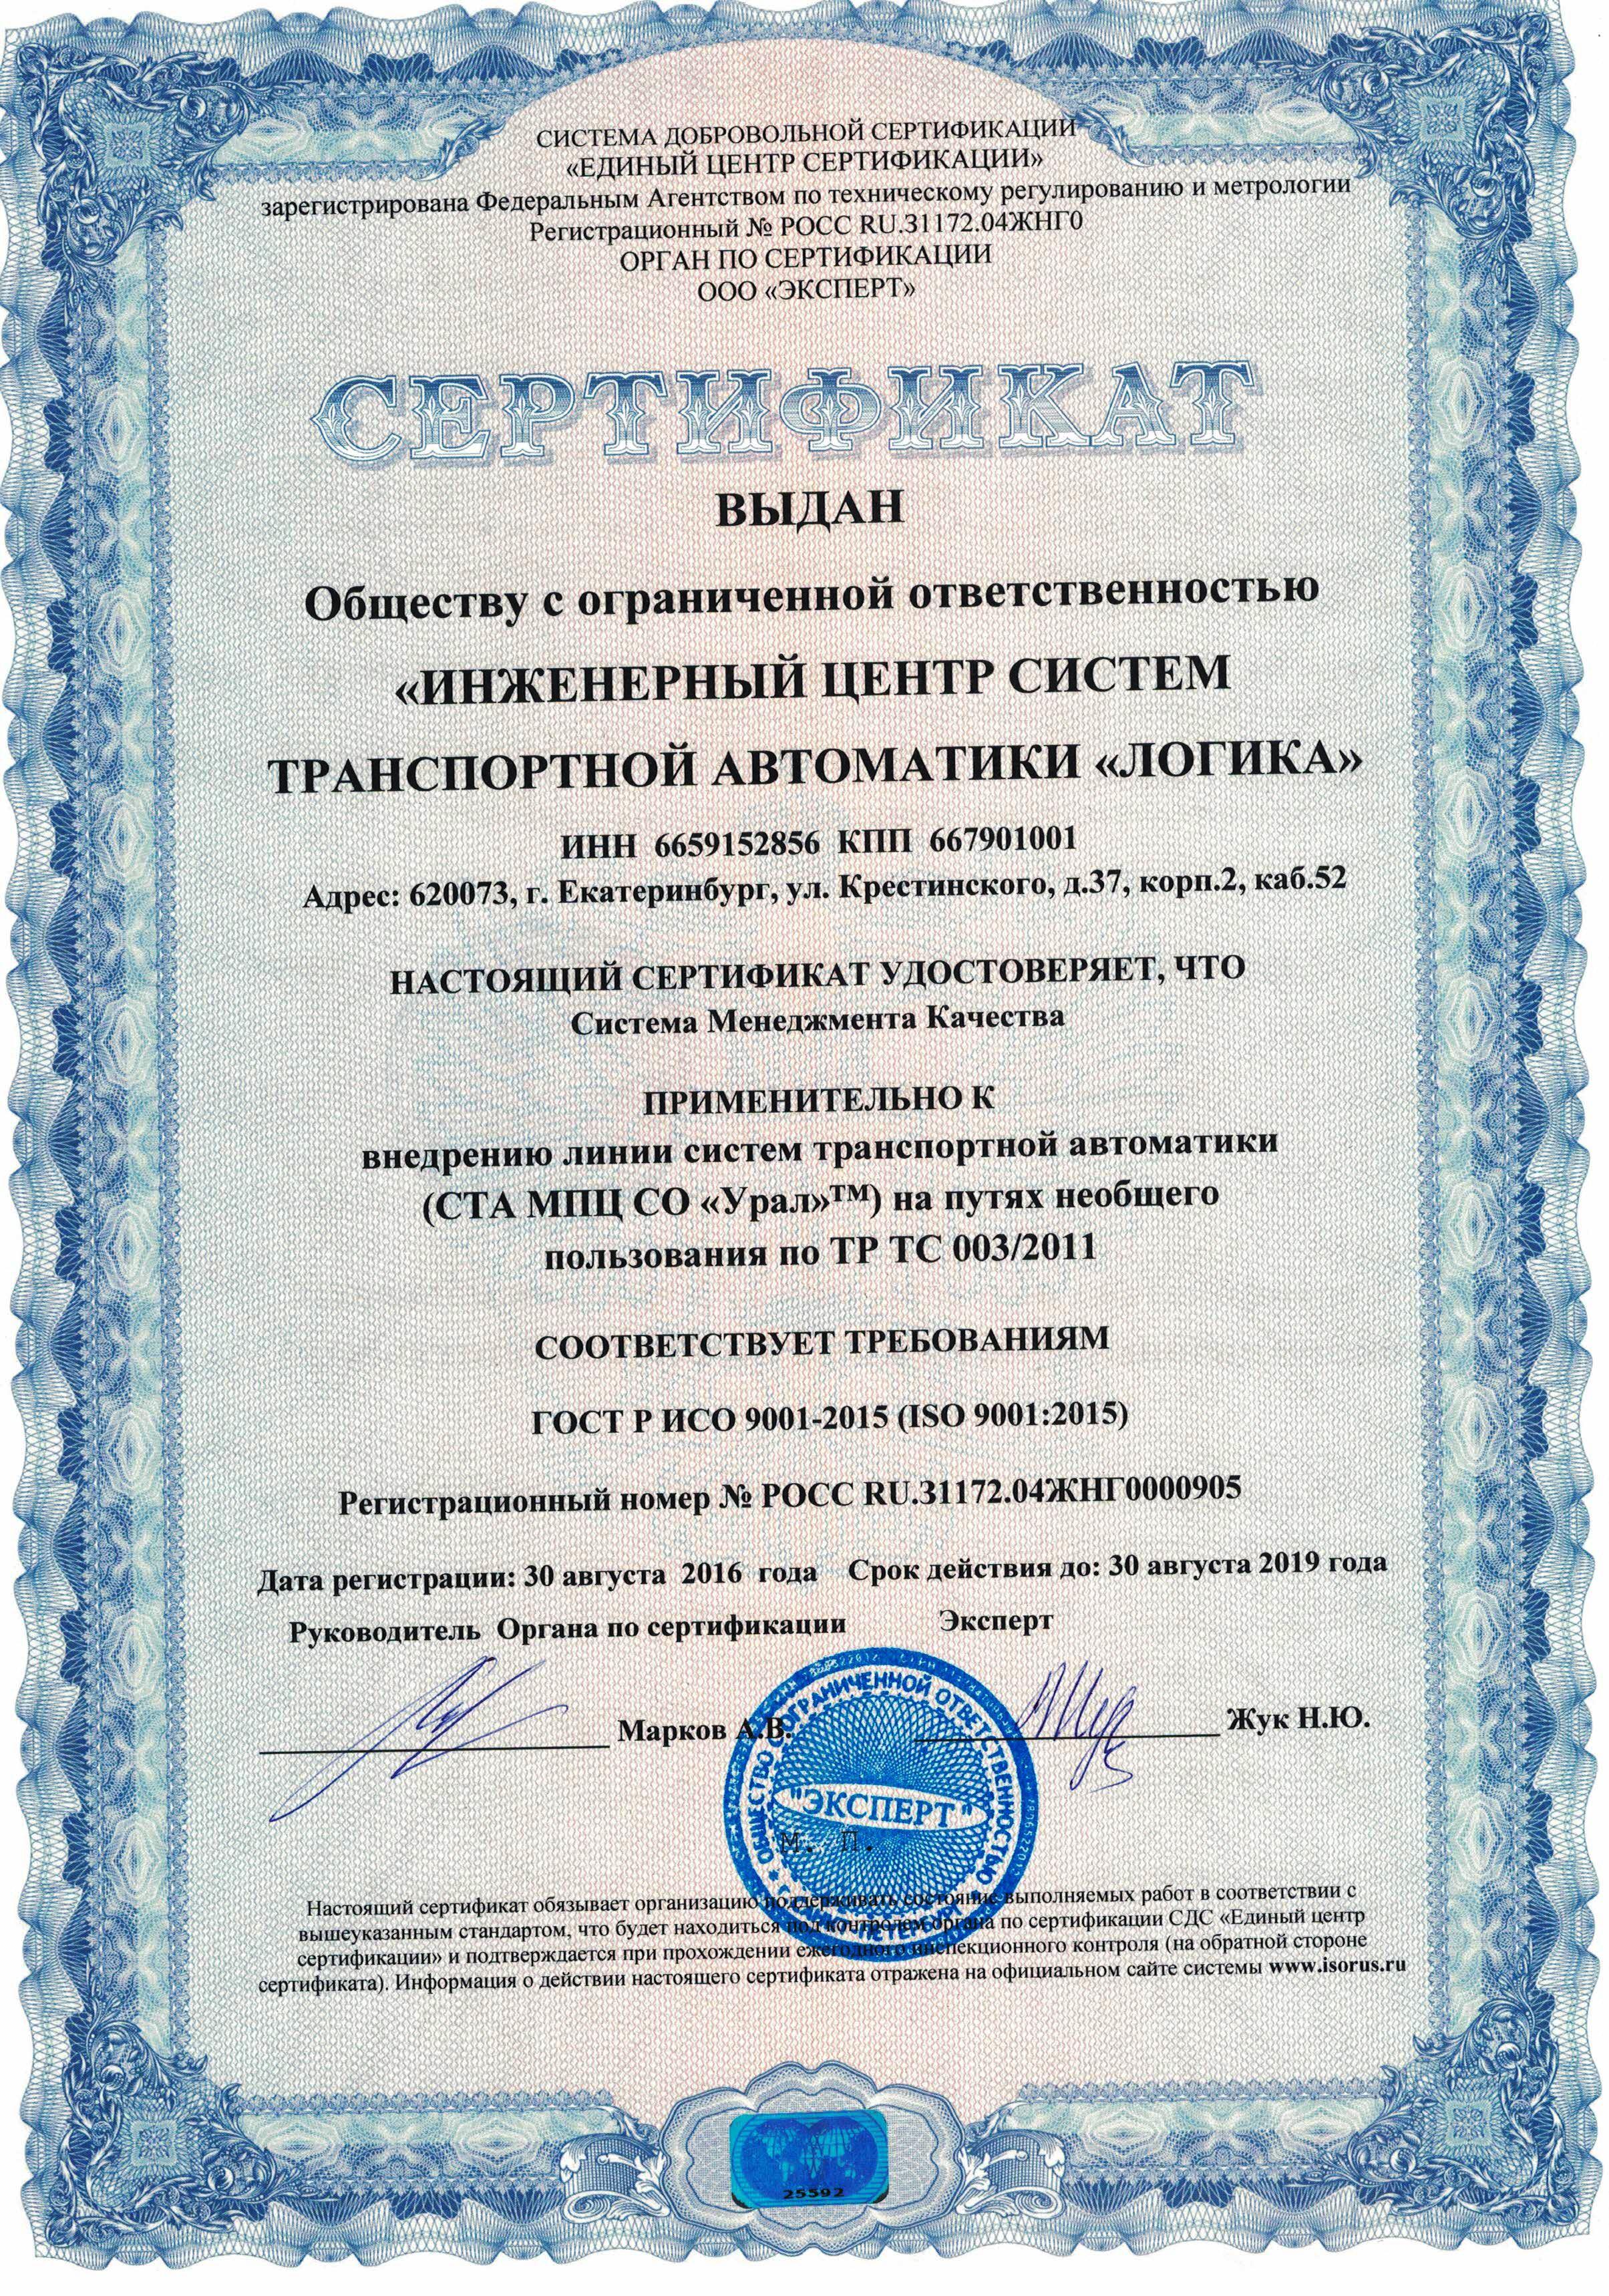 ГОСТ Р ИСО 9001-2015 (ISO 9001:2015)